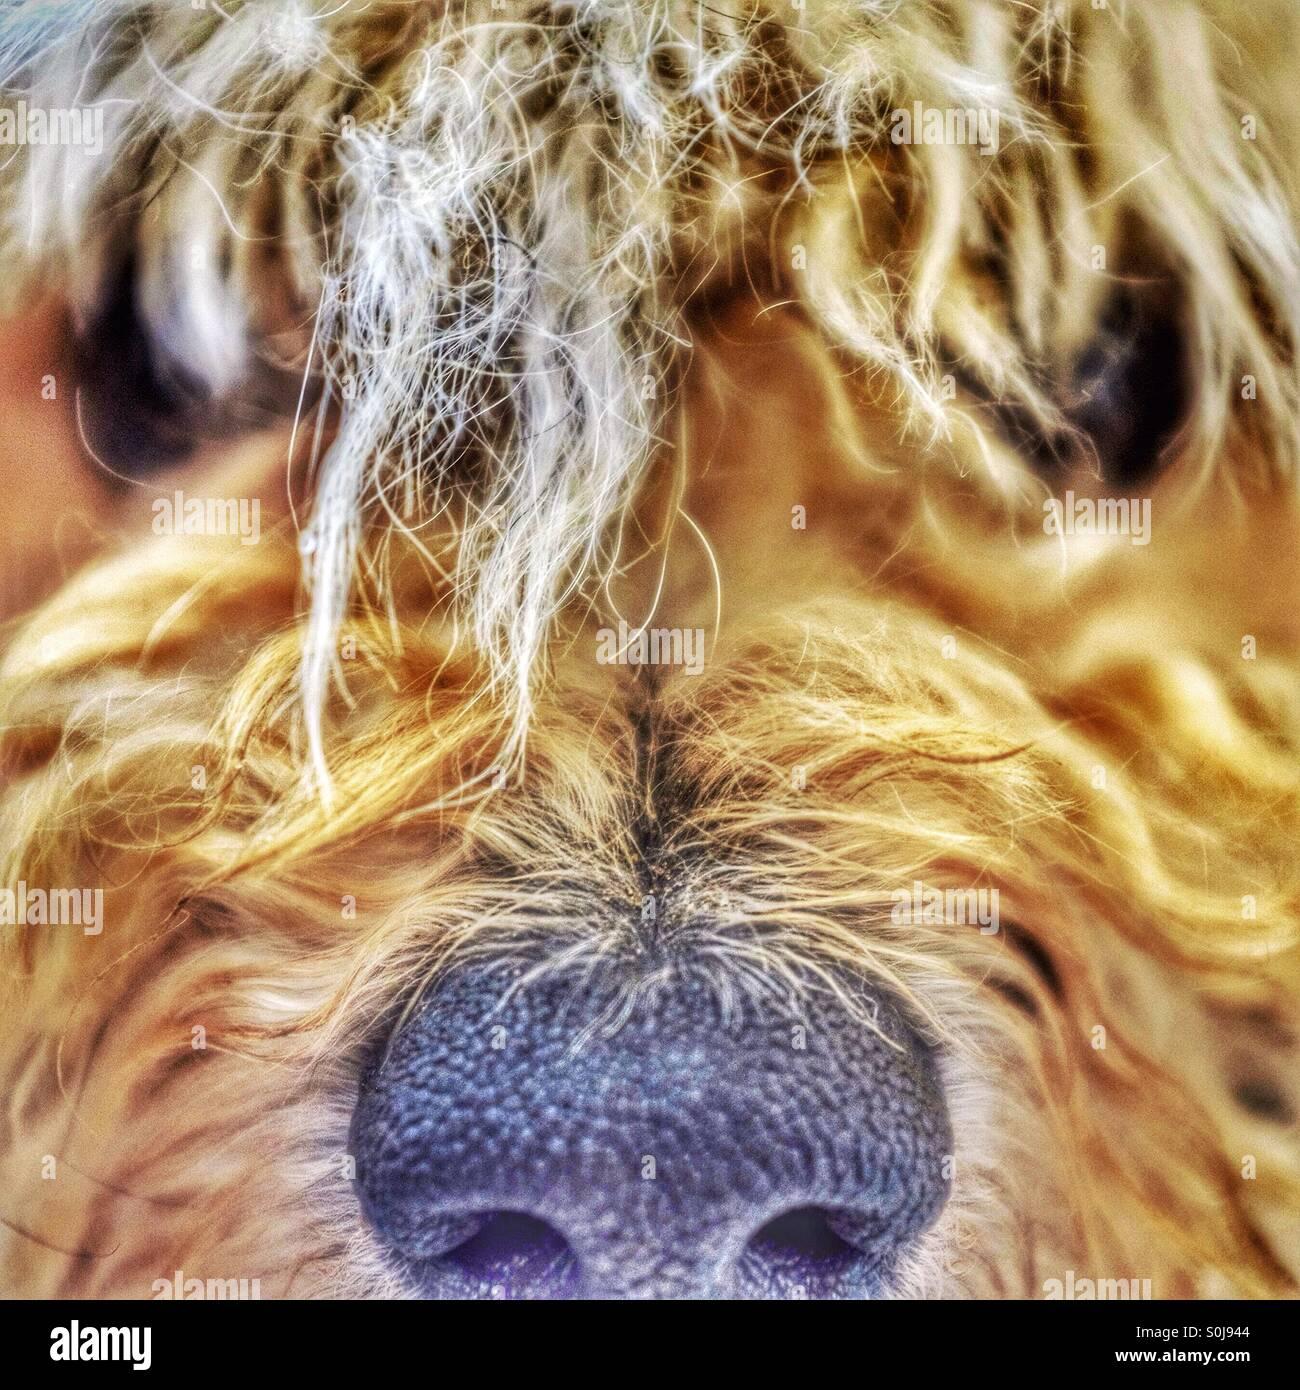 Schäferhund! Ein kleiner Hund mit großen Haar braucht einen Schnitt Stockbild